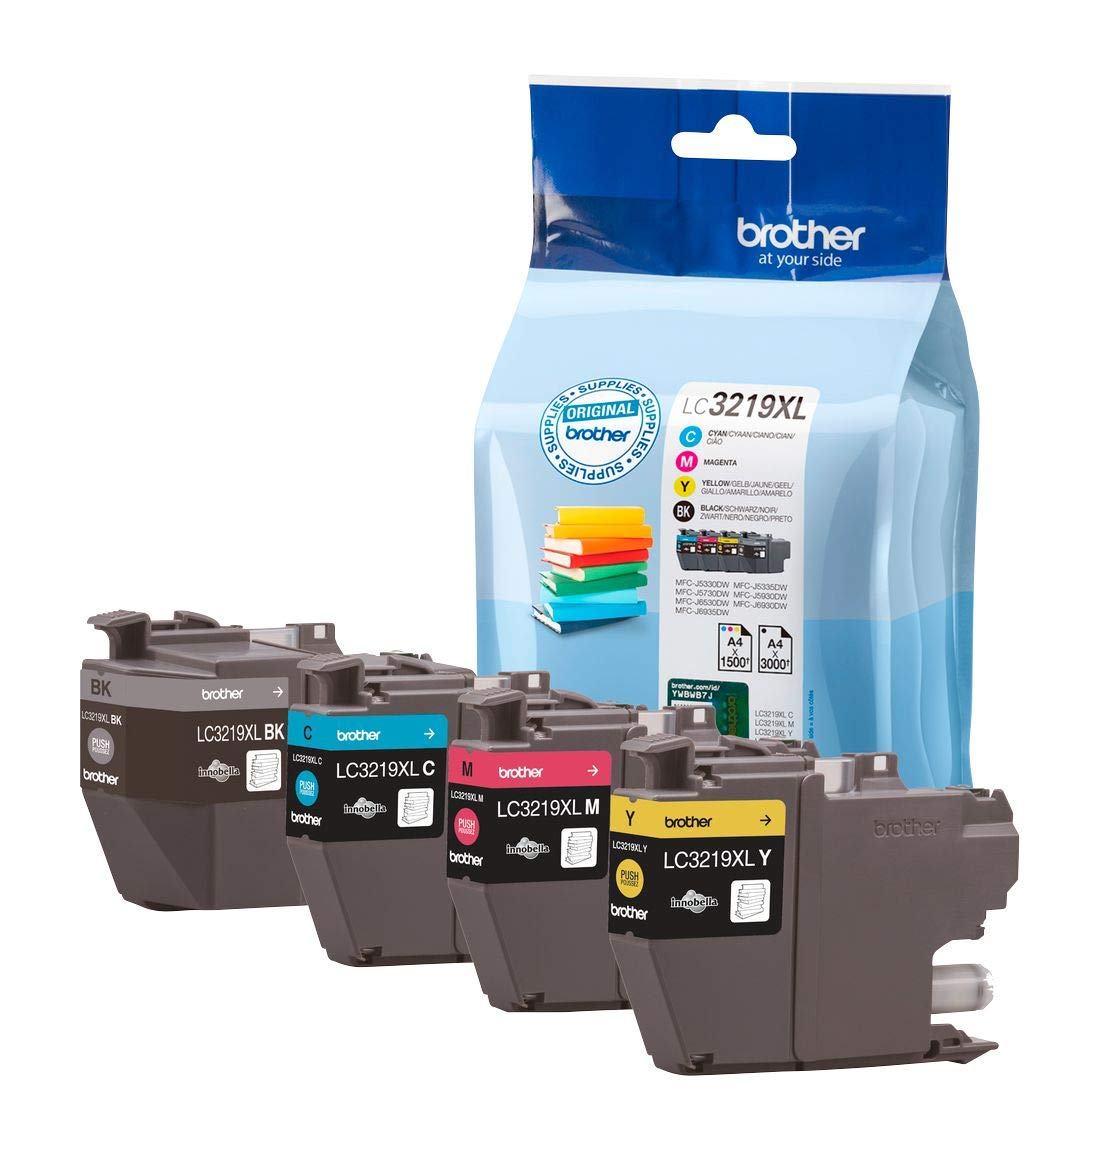 Brother Original Tintenpatronen LC-3219XL im Value Pack (schwarz, cyan, magenta, gelb) (für Brother MFC-J5330DW, MFC-J5335DW, MFC-J5730DW, MFC-J5930DW, MFC-J6530DW, MFC-J6930DW, MFC-J6935DW)